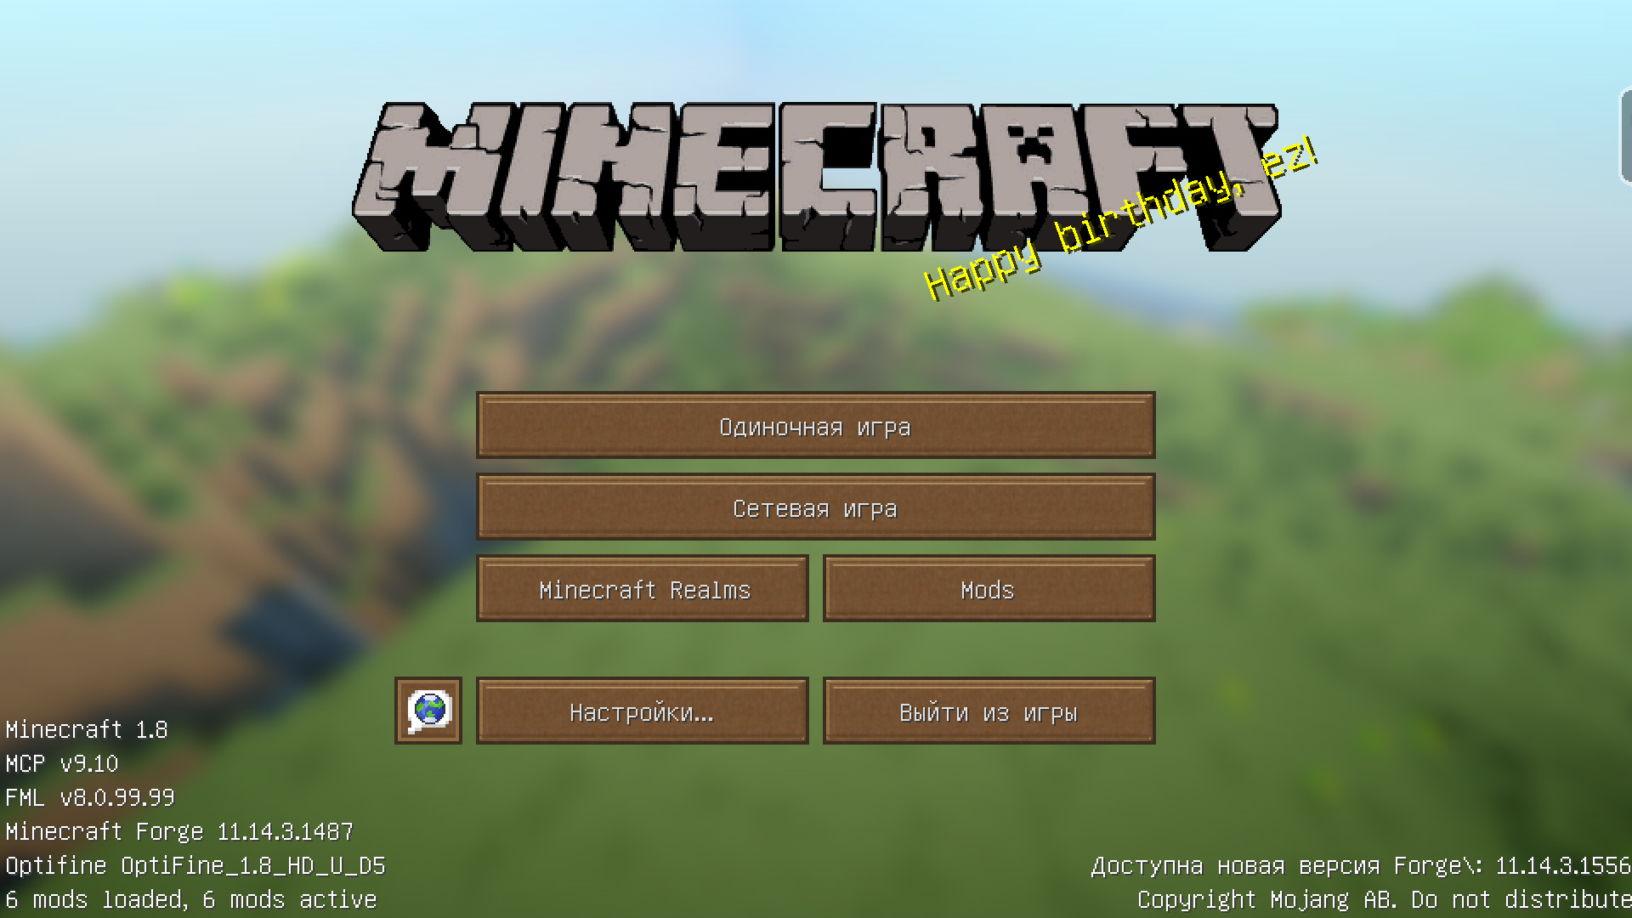 Minecraft (1. 8) скачать через торрент.